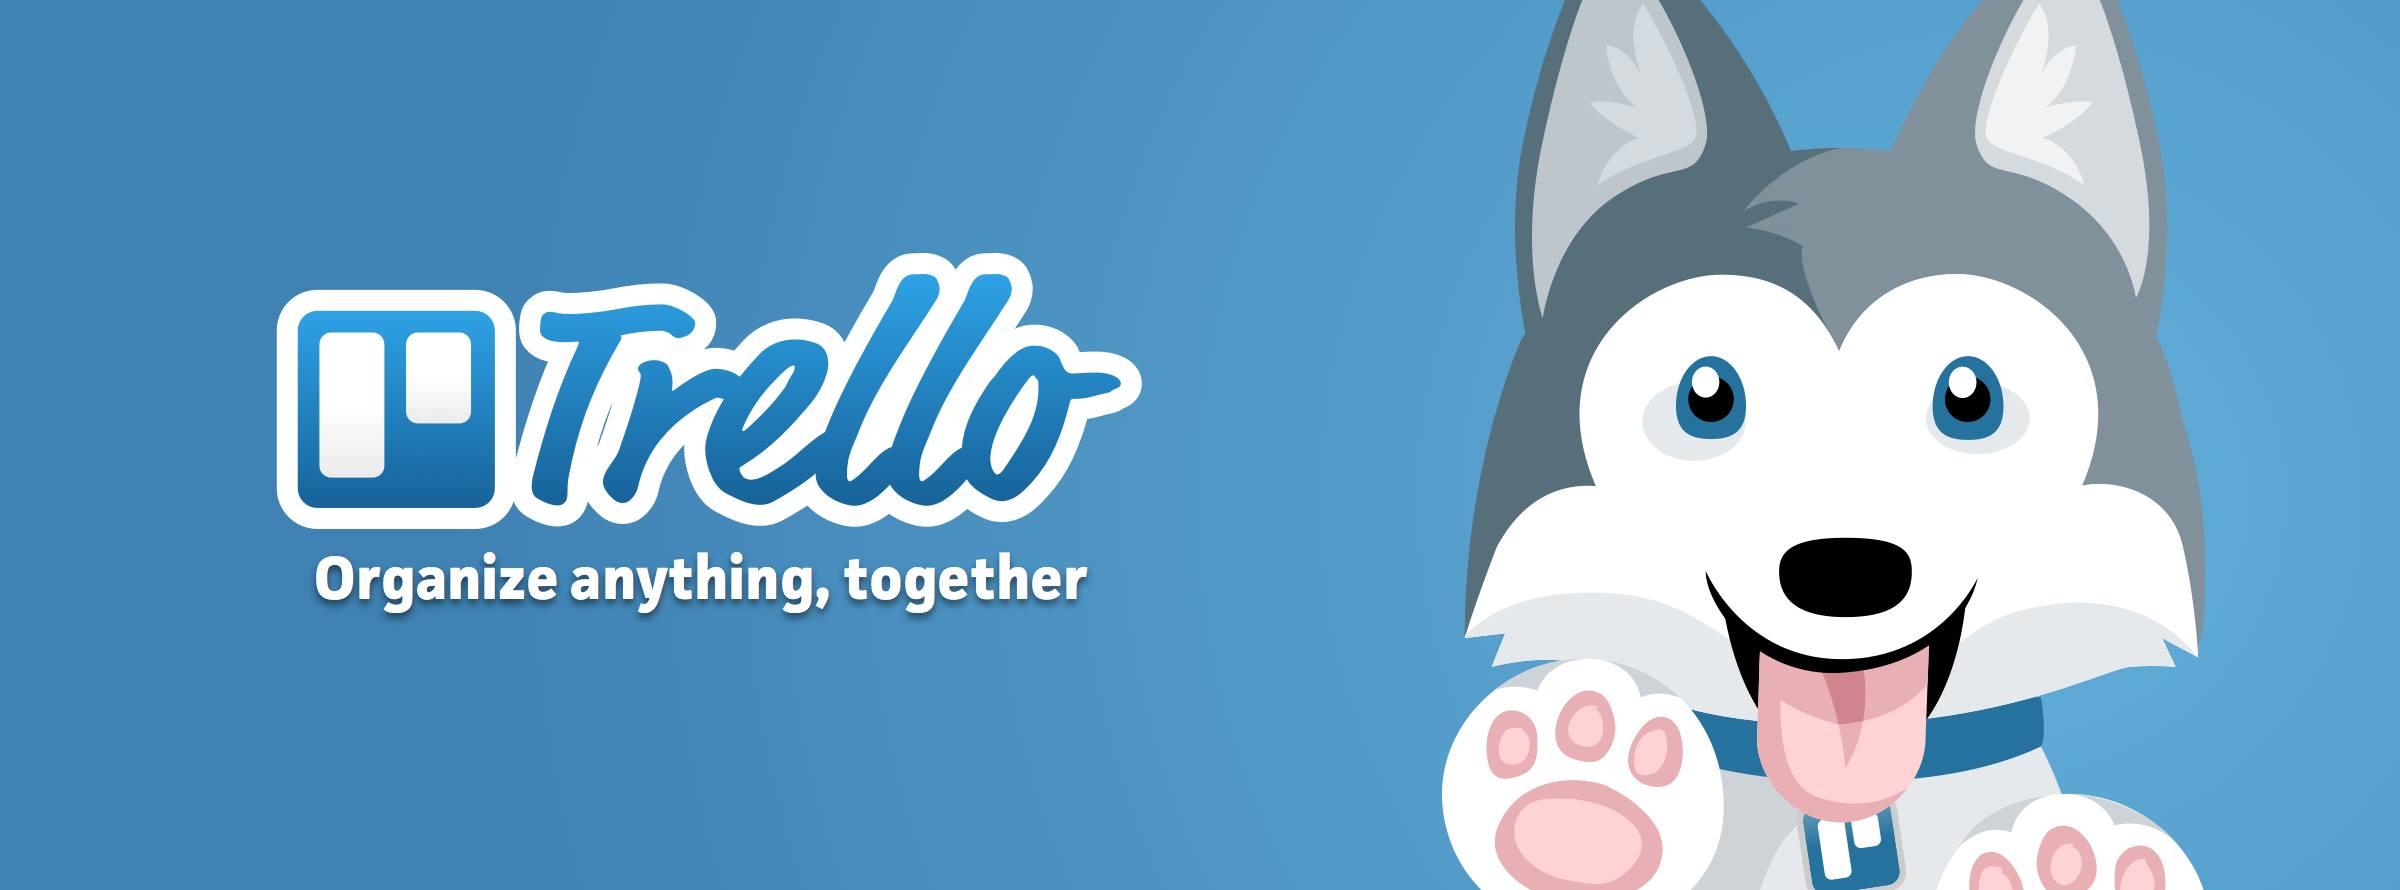 Trello Online Task Organiser